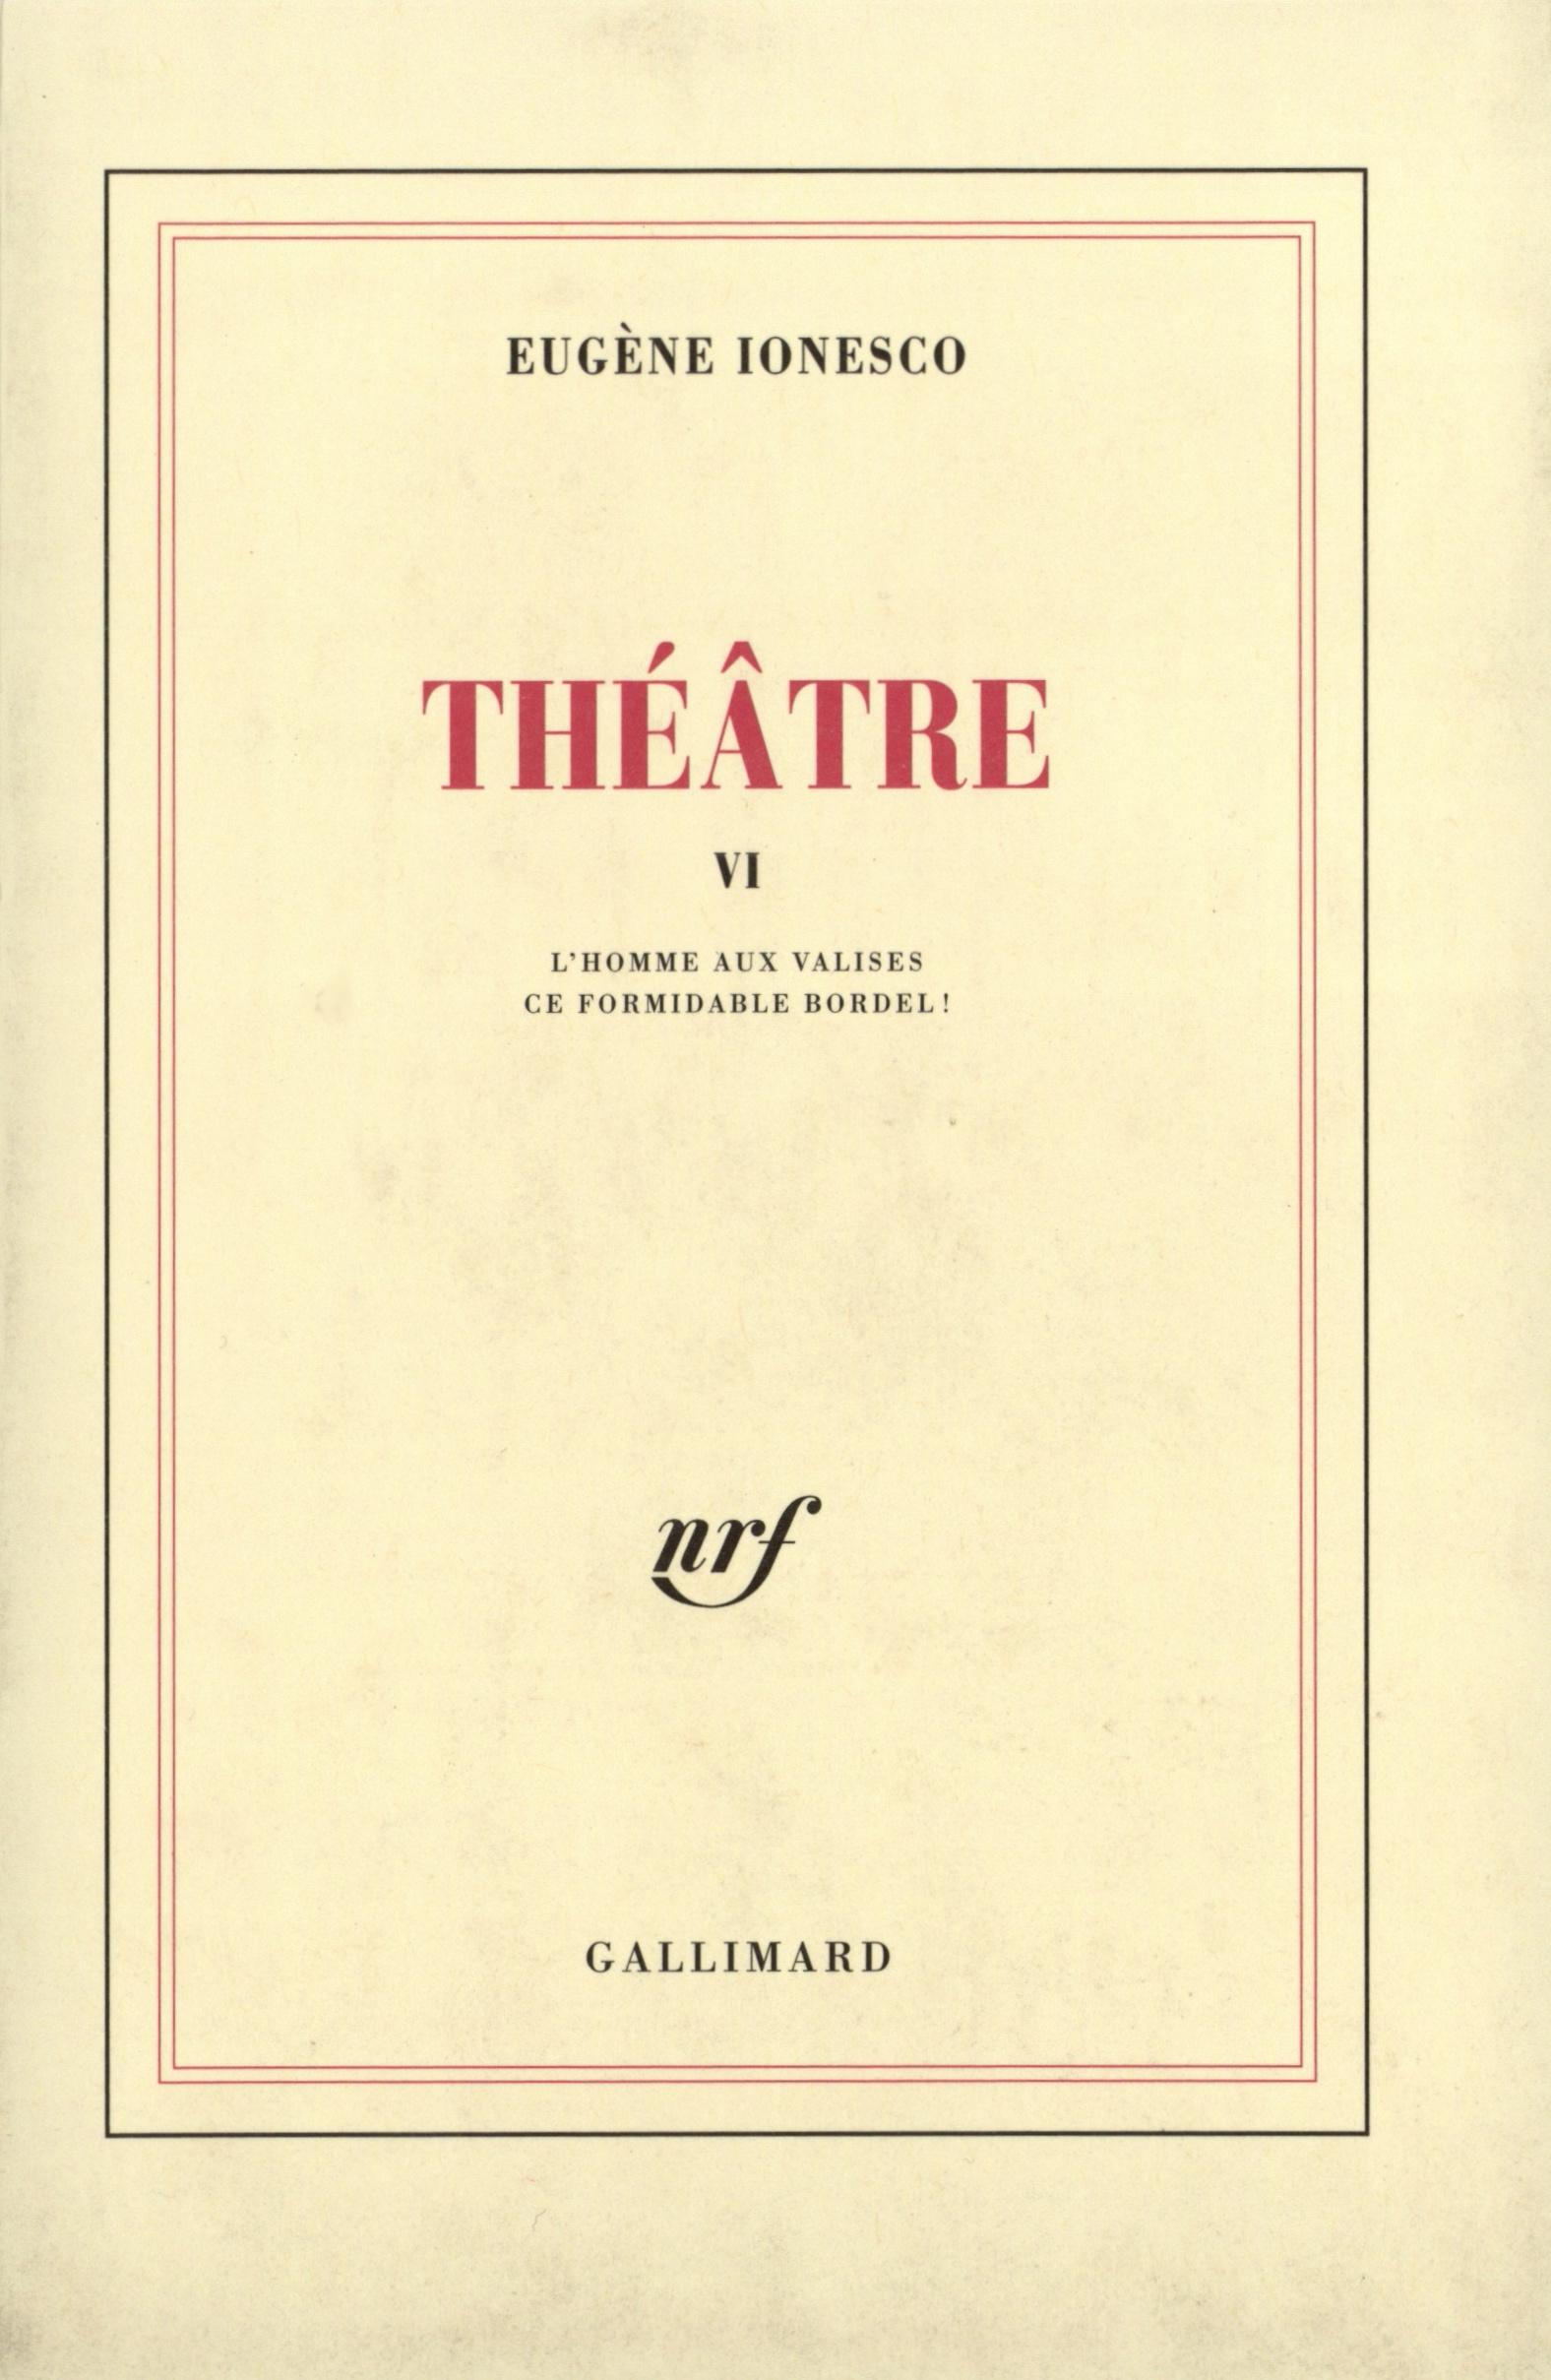 THEATRE, VI : L'HOMME AUX VALISES / CE FORMIDABLE BORDEL !